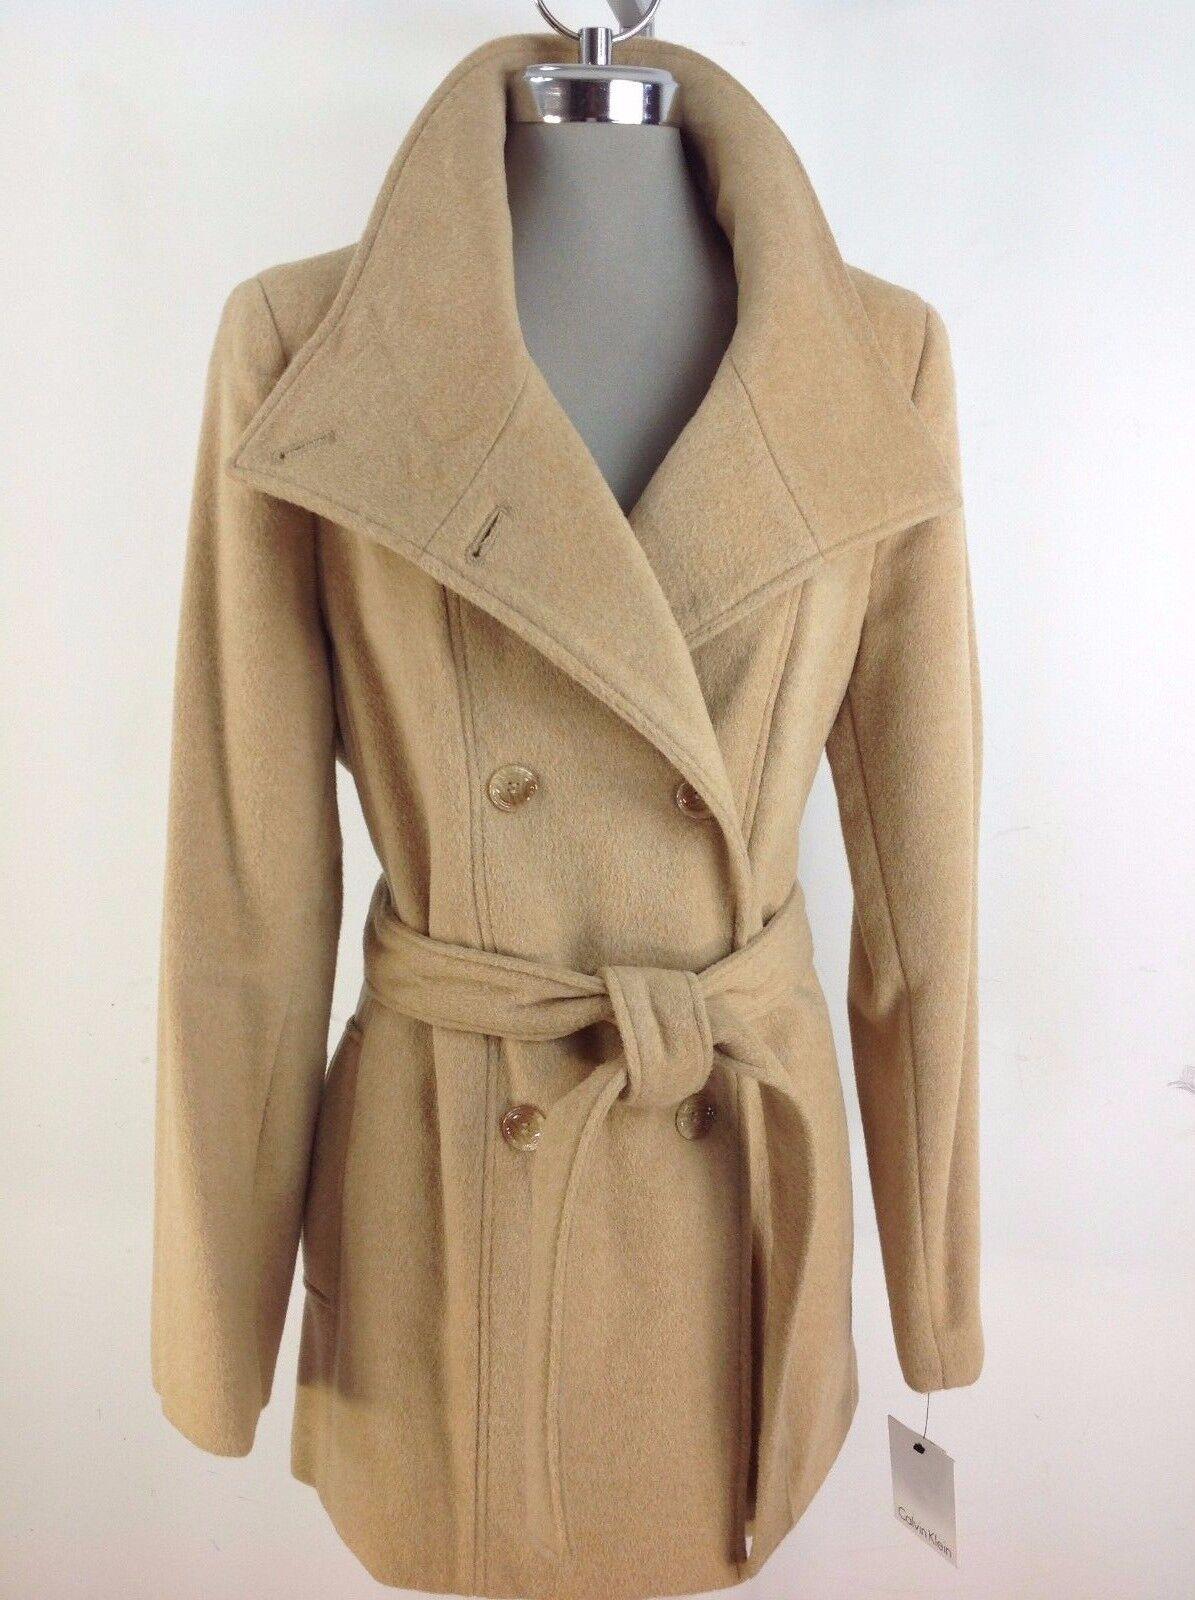 Womens Camel Pea Coat Han Coats